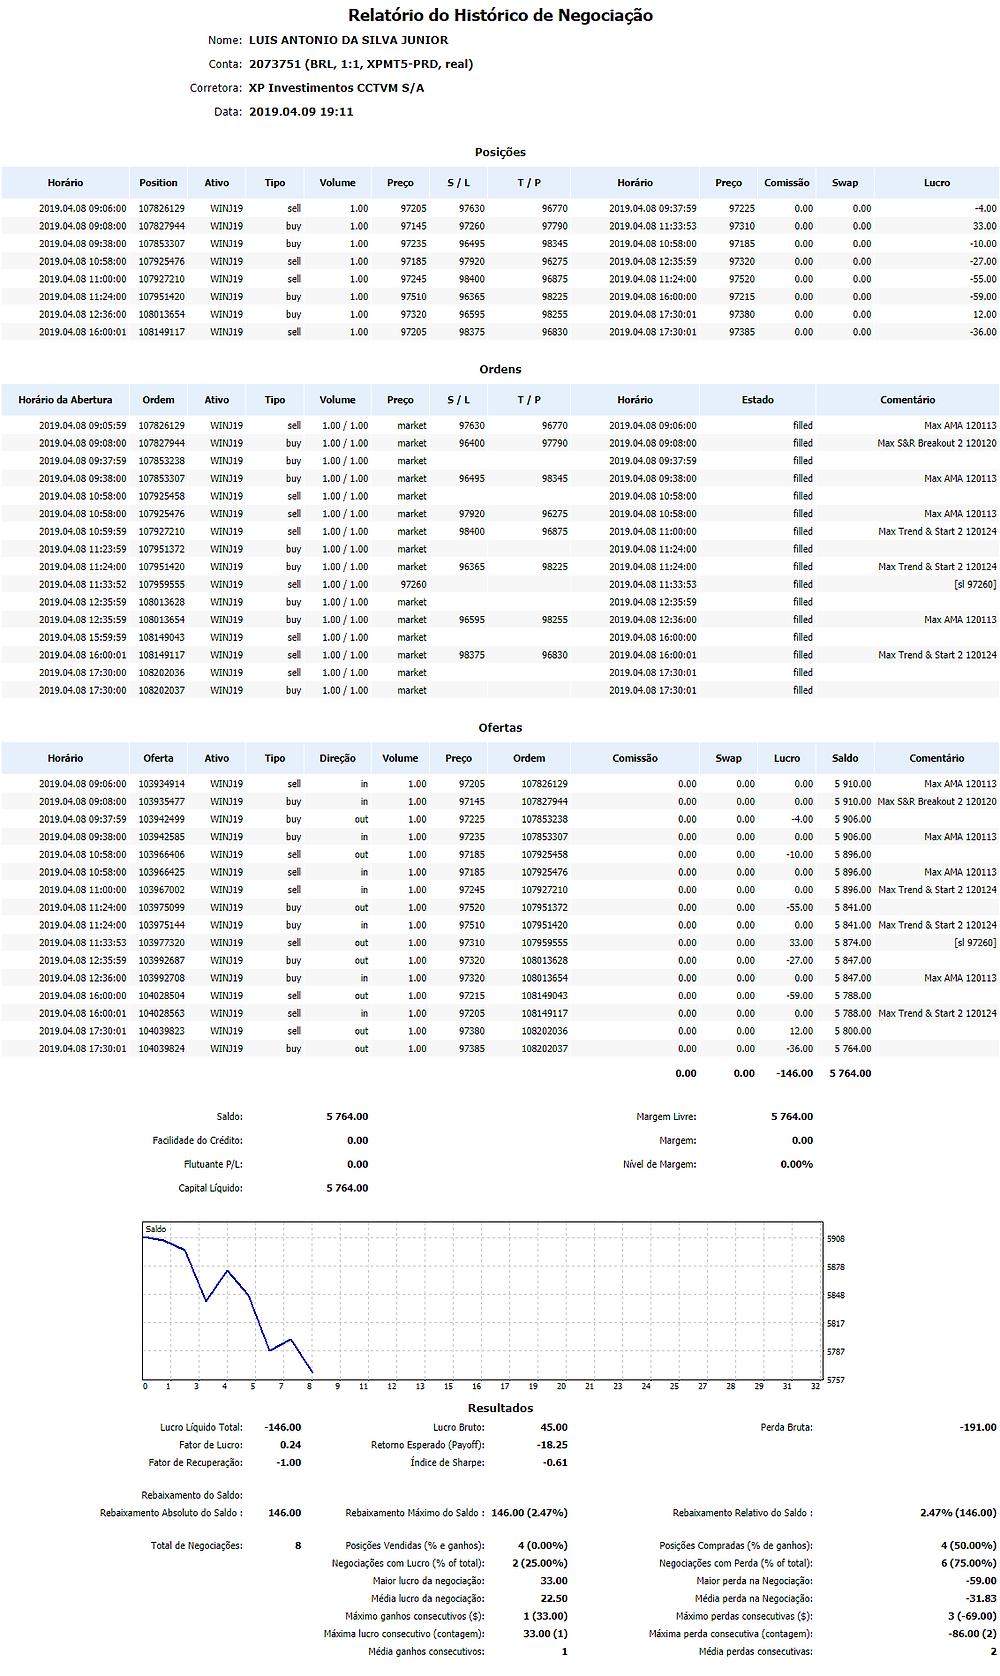 Relatório do Histórico de Negociação Nome:LUIS ANTONIO DA SILVA JUNIOR Conta:2073751 (BRL, 1:1, XPMT5-PRD, real) Corretora:XP Investimentos CCTVM S/A Data:2019.04.09 19:11 Posições HorárioPositionAtivoTipoVolumePreçoS / LT / PHorárioPreçoComissãoSwapLucro 2019.04.08 09:06:00107826129WINJ19sell1.009720597630967702019.04.08 09:37:59972250.000.00-4.00 2019.04.08 09:08:00107827944WINJ19buy1.009714597260977902019.04.08 11:33:53973100.000.0033.00 2019.04.08 09:38:00107853307WINJ19buy1.009723596495983452019.04.08 10:58:00971850.000.00-10.00 2019.04.08 10:58:00107925476WINJ19sell1.009718597920962752019.04.08 12:35:59973200.000.00-27.00 2019.04.08 11:00:00107927210WINJ19sell1.009724598400968752019.04.08 11:24:00975200.000.00-55.00 2019.04.08 11:24:00107951420WINJ19buy1.009751096365982252019.04.08 16:00:00972150.000.00-59.00 2019.04.08 12:36:00108013654WINJ19buy1.009732096595982552019.04.08 17:30:01973800.000.0012.00 2019.04.08 16:00:01108149117WINJ19sell1.009720598375968302019.04.08 17:30:01973850.000.00-36.00 Ordens Horário da AberturaOrdemAtivoTipoVolumePreçoS / LT / PHorárioEstadoComentário 2019.04.08 09:05:59107826129WINJ19sell1.00 / 1.00market97630967702019.04.08 09:06:00filledMax AMA 120113 2019.04.08 09:08:00107827944WINJ19buy1.00 / 1.00market96400977902019.04.08 09:08:00filledMax S&R Breakout 2 120120 2019.04.08 09:37:59107853238WINJ19buy1.00 / 1.00market2019.04.08 09:37:59filled 2019.04.08 09:38:00107853307WINJ19buy1.00 / 1.00market96495983452019.04.08 09:38:00filledMax AMA 120113 2019.04.08 10:58:00107925458WINJ19sell1.00 / 1.00market2019.04.08 10:58:00filled 2019.04.08 10:58:00107925476WINJ19sell1.00 / 1.00market97920962752019.04.08 10:58:00filledMax AMA 120113 2019.04.08 10:59:59107927210WINJ19sell1.00 / 1.00market98400968752019.04.08 11:00:00filledMax Trend & Start 2 120124 2019.04.08 11:23:59107951372WINJ19buy1.00 / 1.00market2019.04.08 11:24:00filled 2019.04.08 11:24:00107951420WINJ19buy1.00 / 1.00market96365982252019.04.08 11:24:00filledMax Trend & Start 2 12